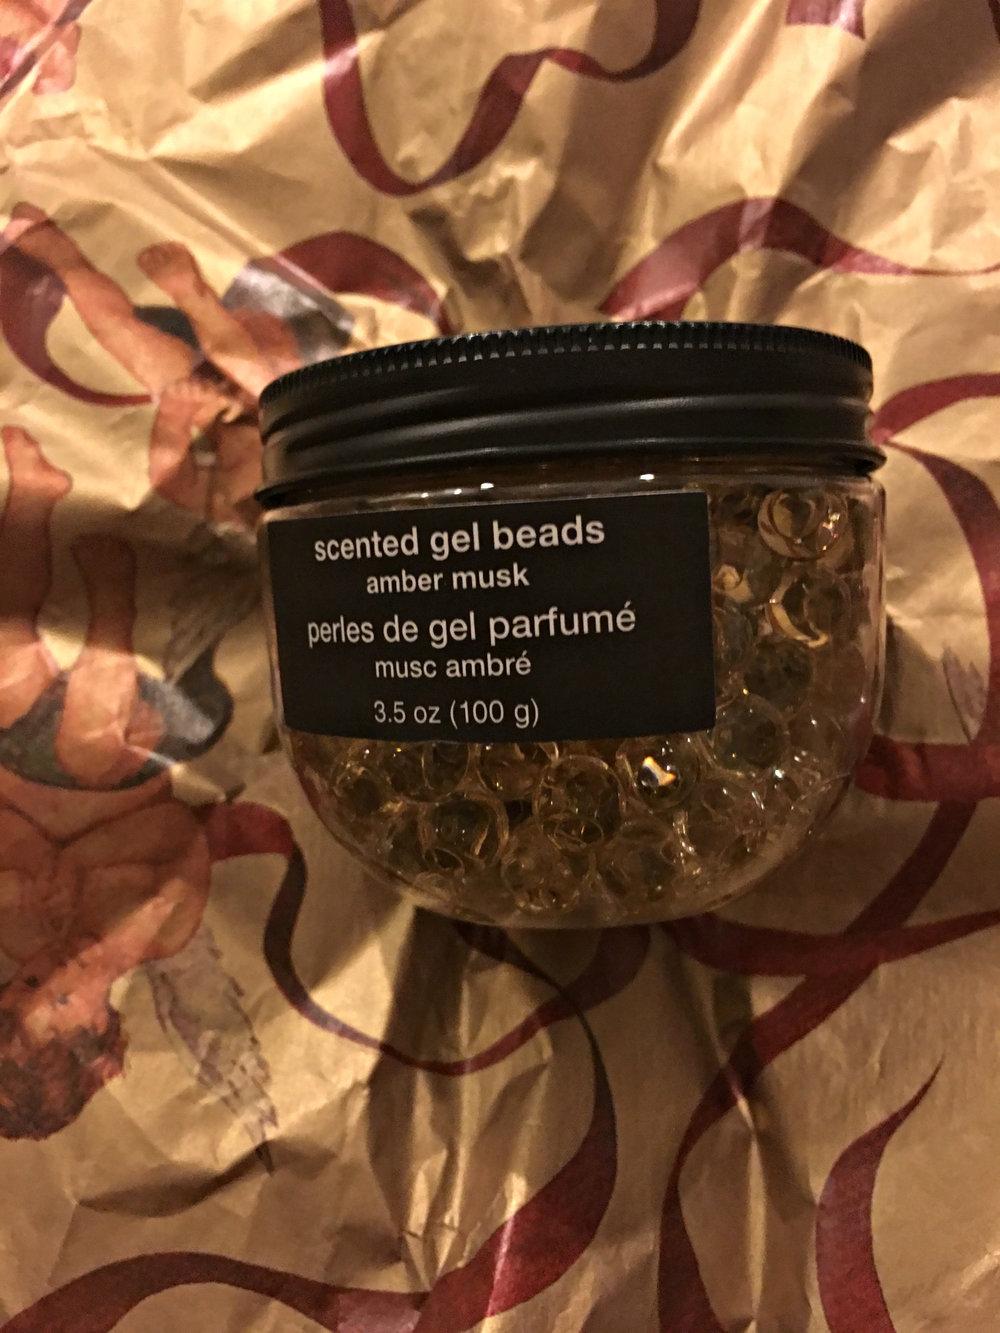 scented-gel-beads.jpg